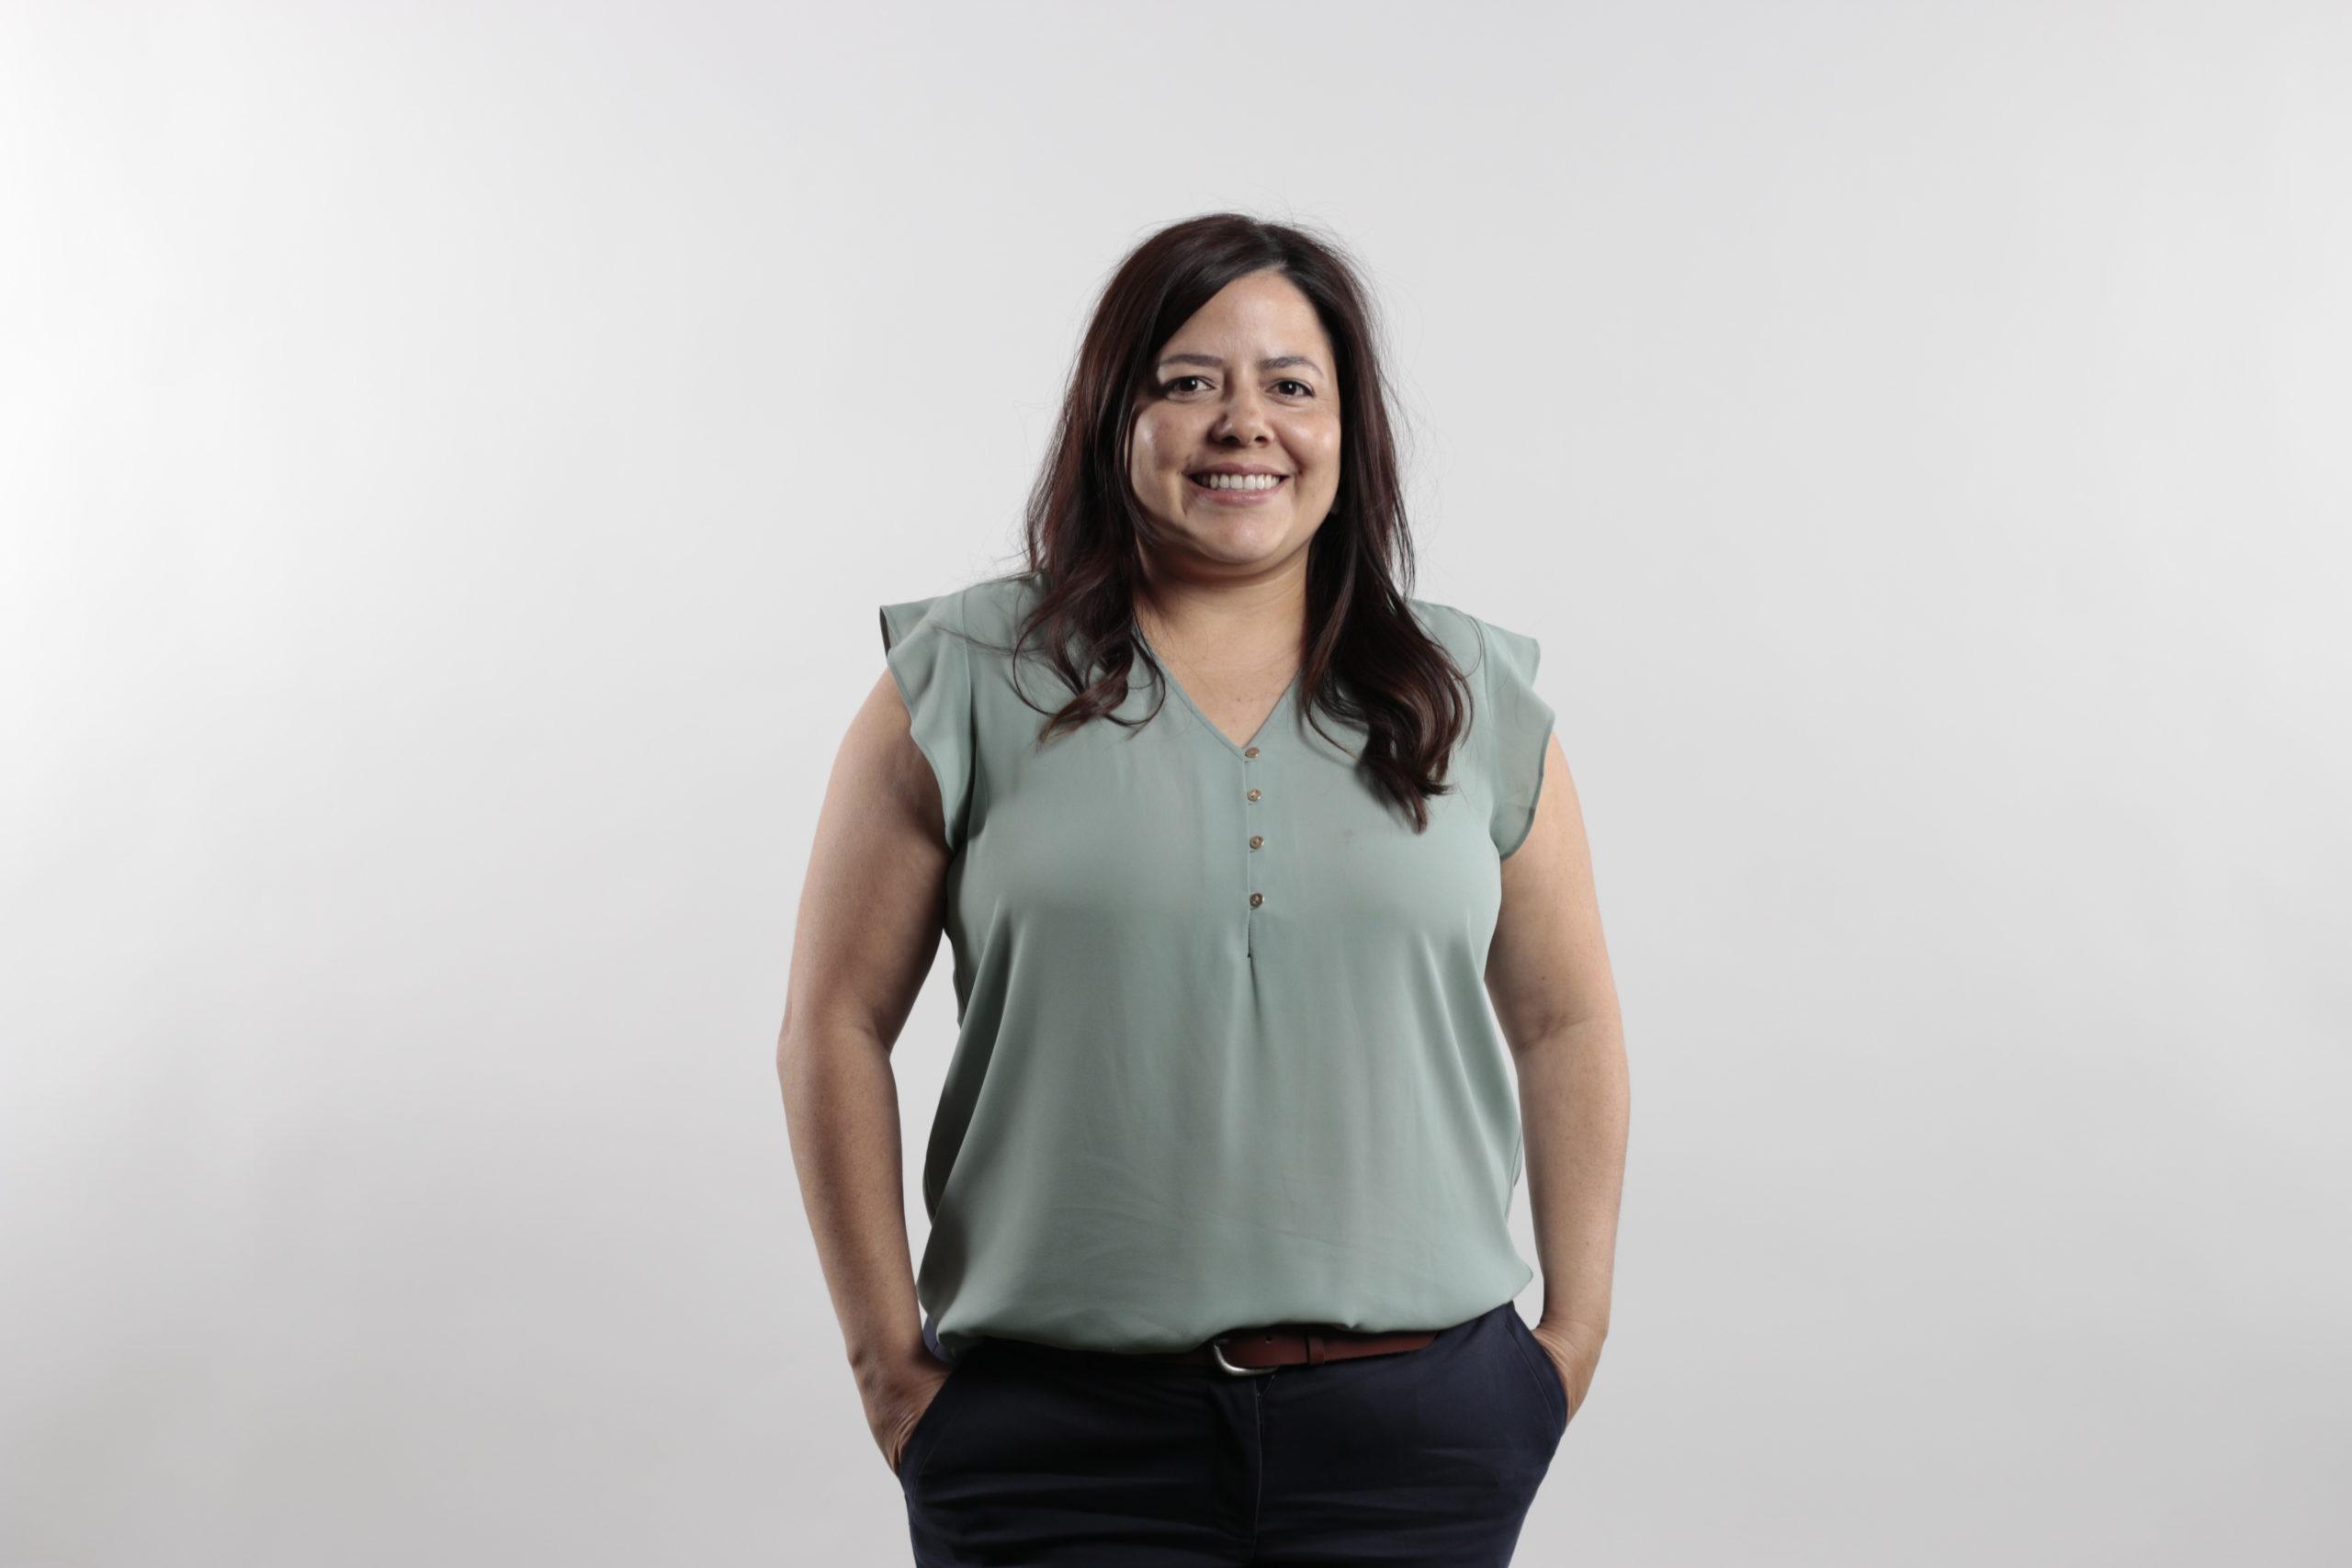 Lizette Contreras Camarena